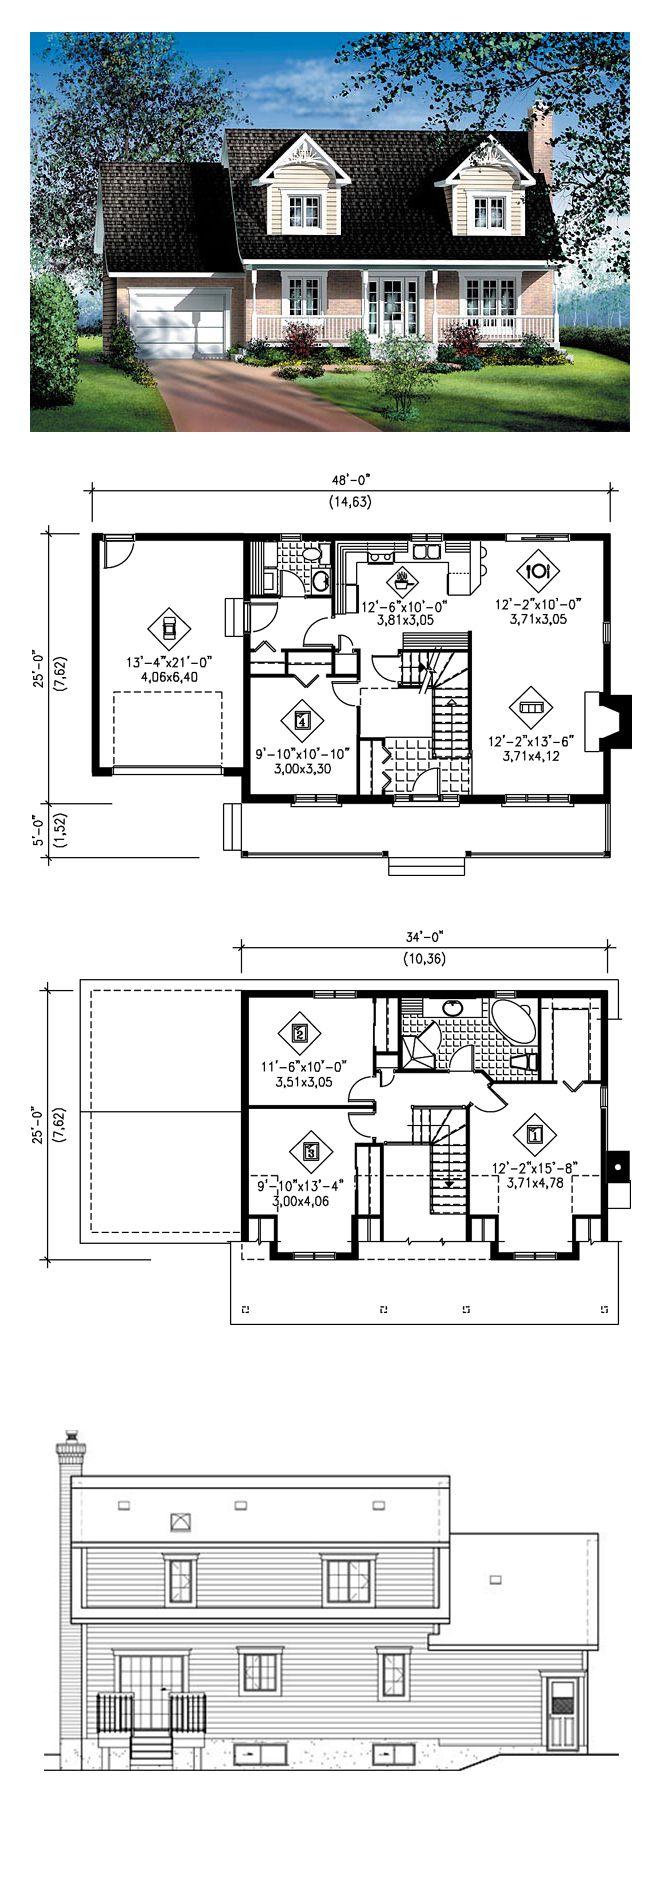 Fullsize Of Cape Cod House Plans